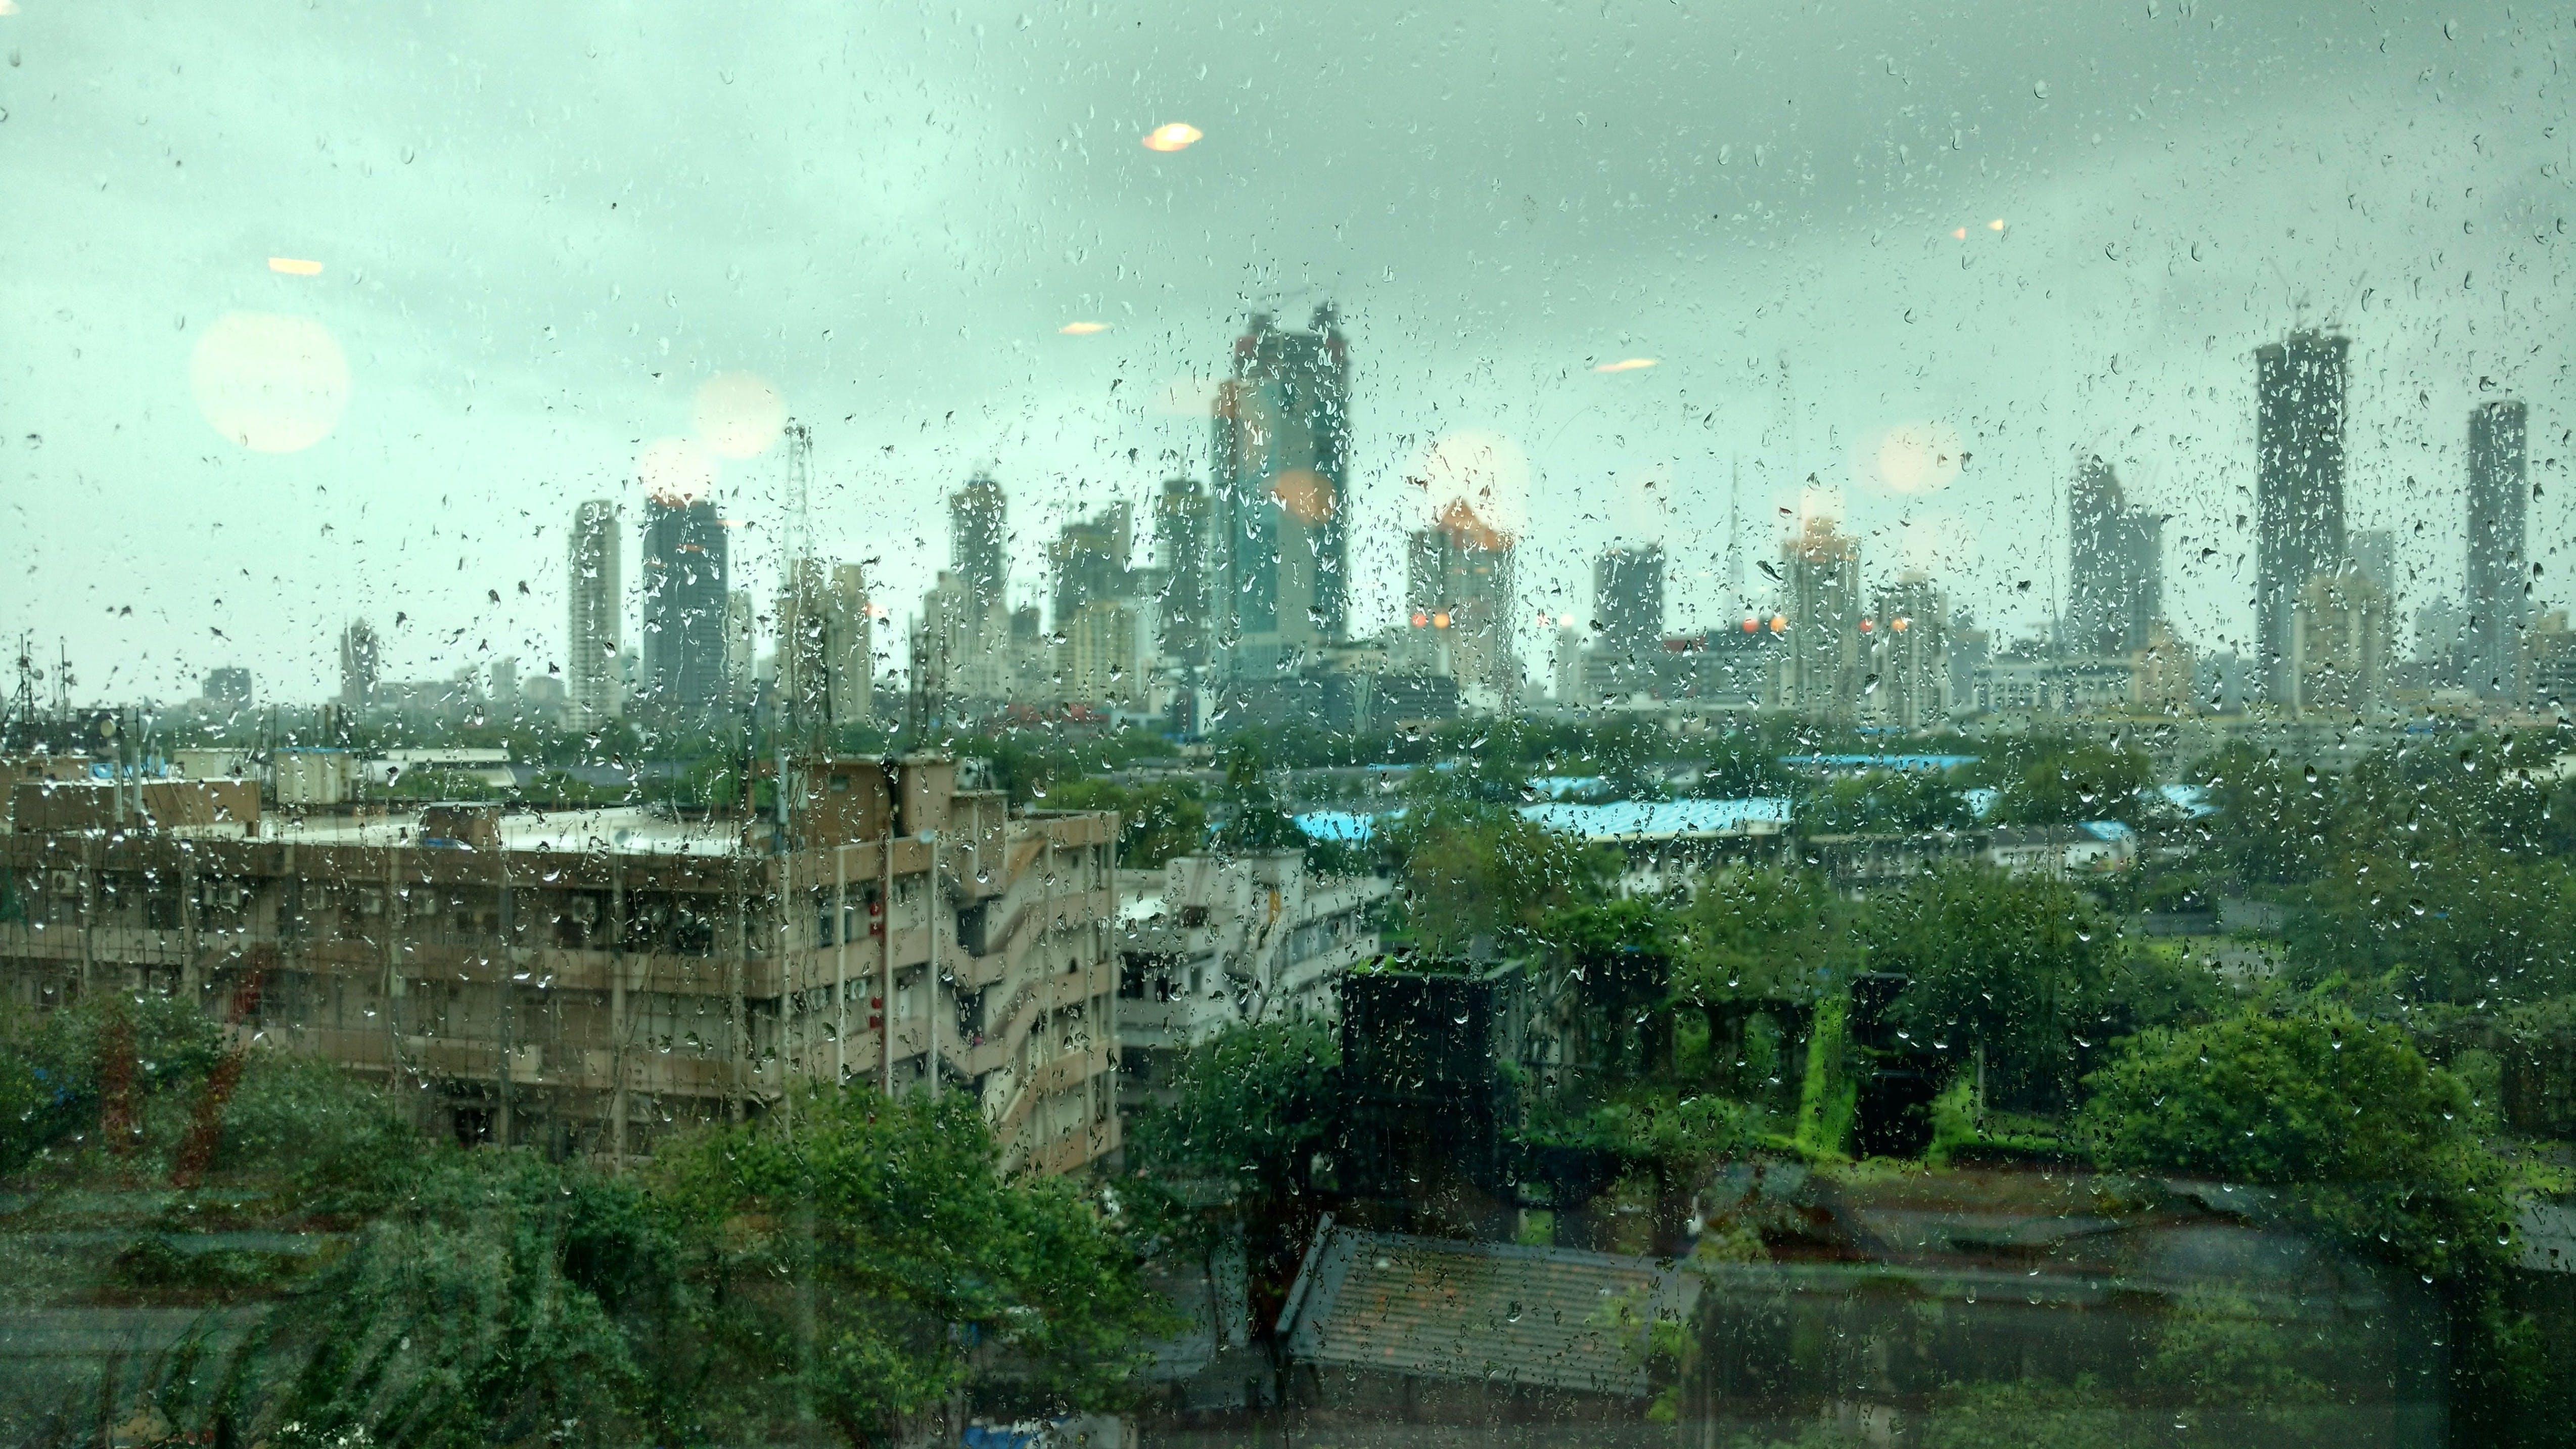 Δωρεάν στοκ φωτογραφιών με mumbai, αστικός, βροχή, γραμμή ορίζοντα